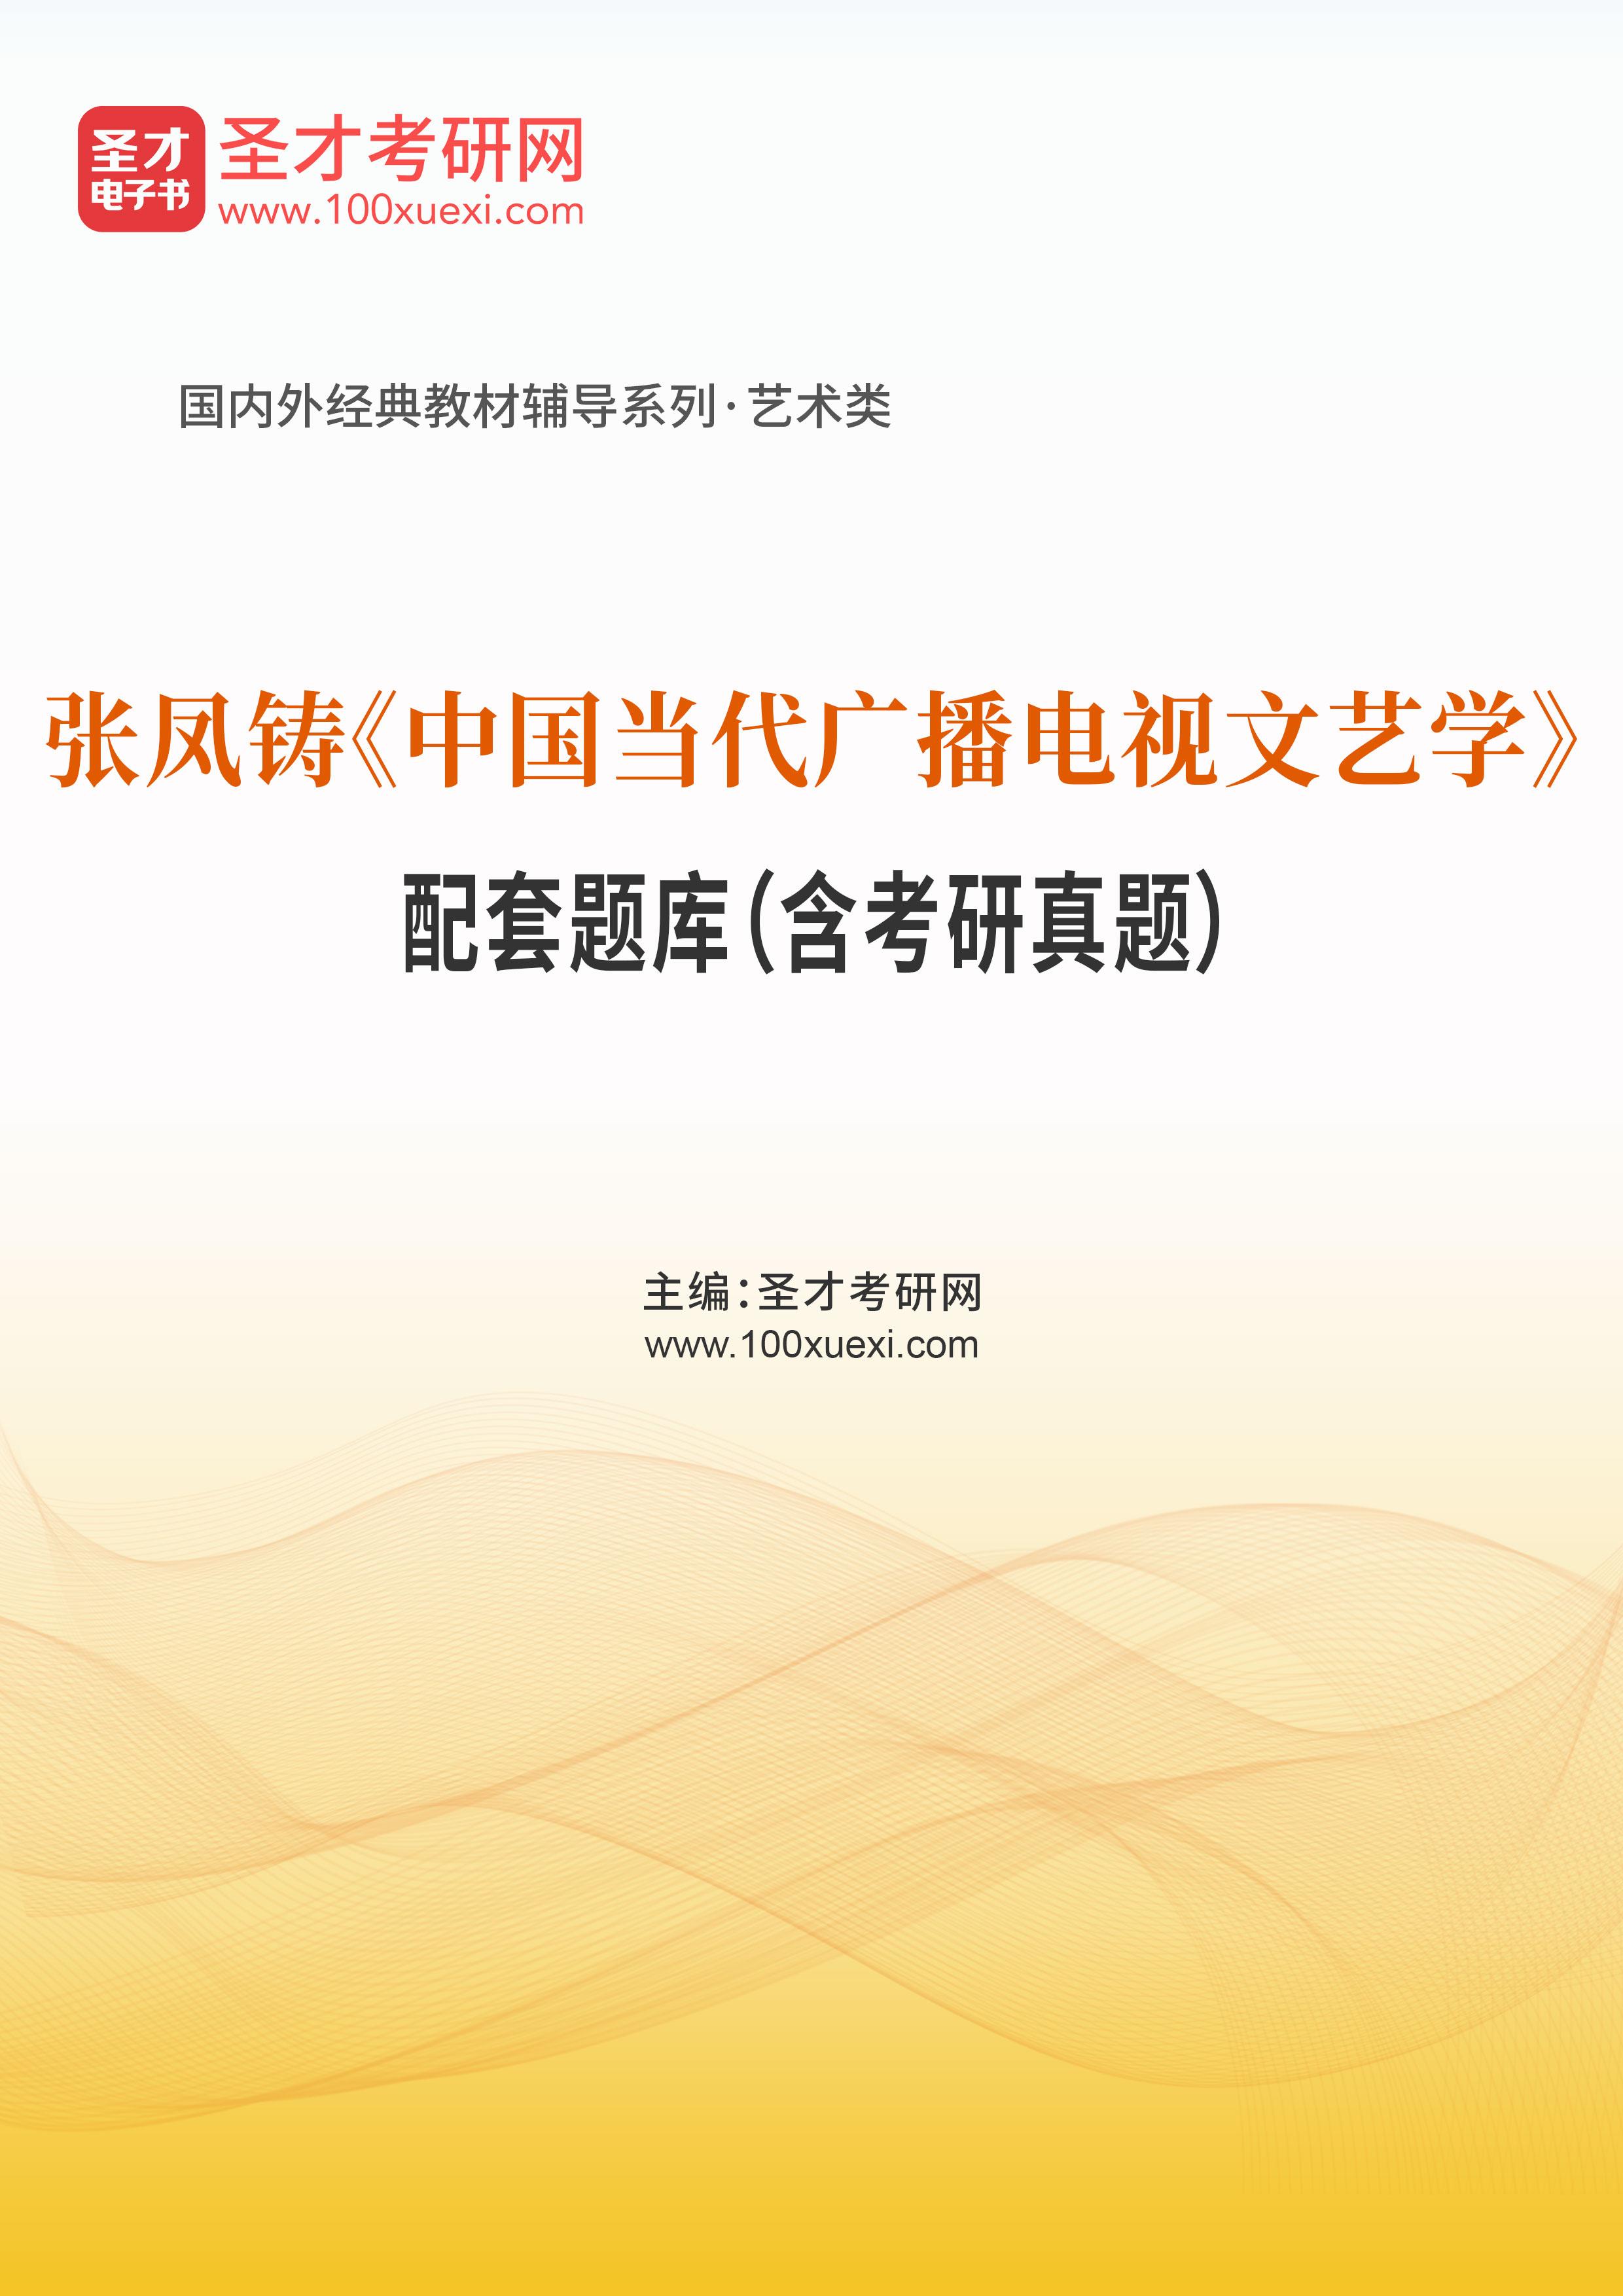 张凤铸《中国当代广播电视文艺学》配套题库(含考研真题)